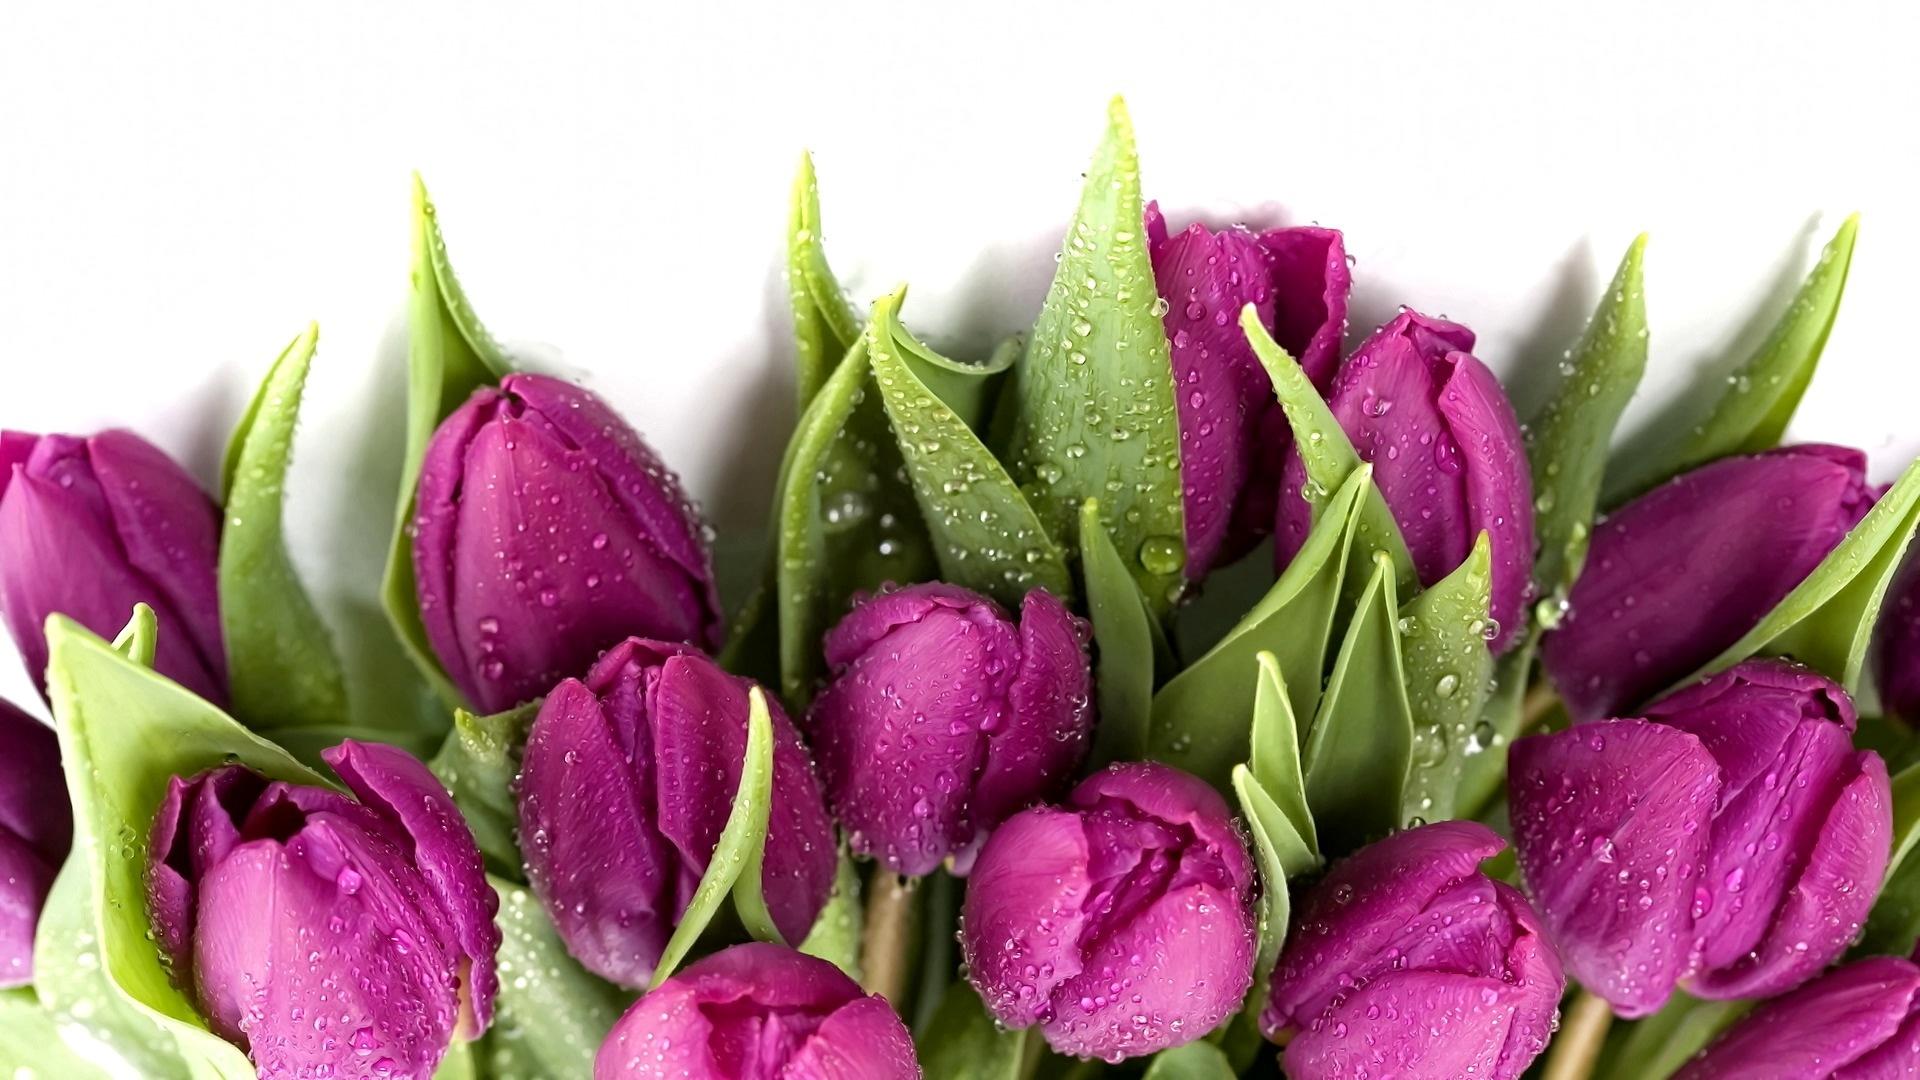 гостиницы картинки цветов на 8 марта красивые на прозрачном фоне муж женой заинтересовались